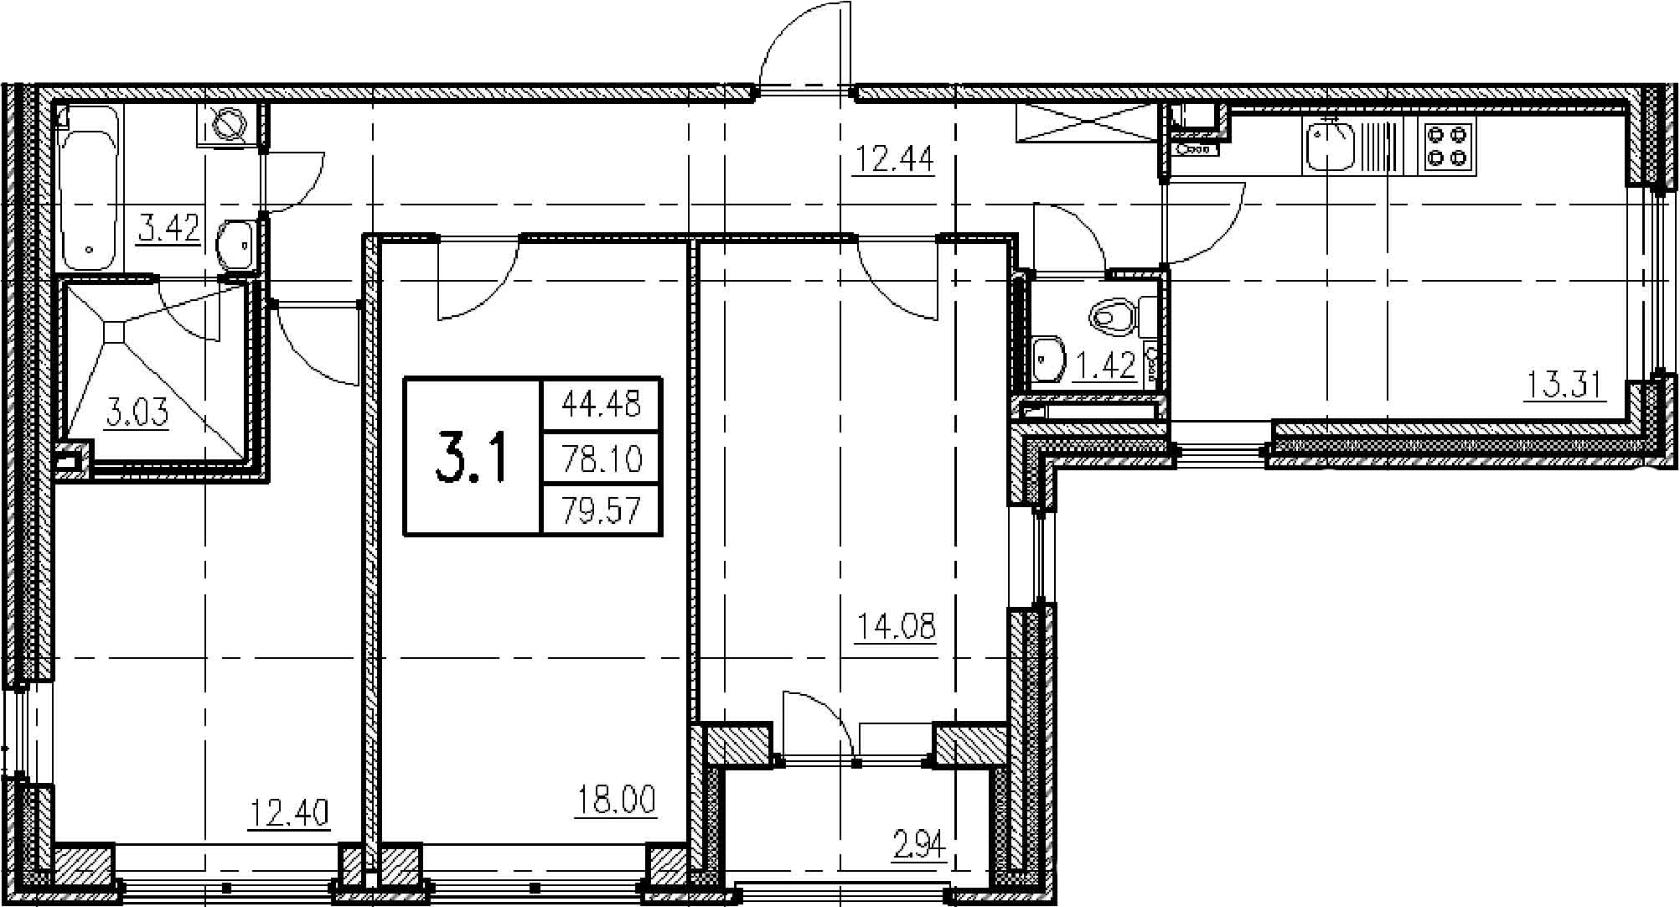 Продать Квартиры в новостройке Санкт-Петербург,  Кронштадтский,  Старая деревня, Тулонская